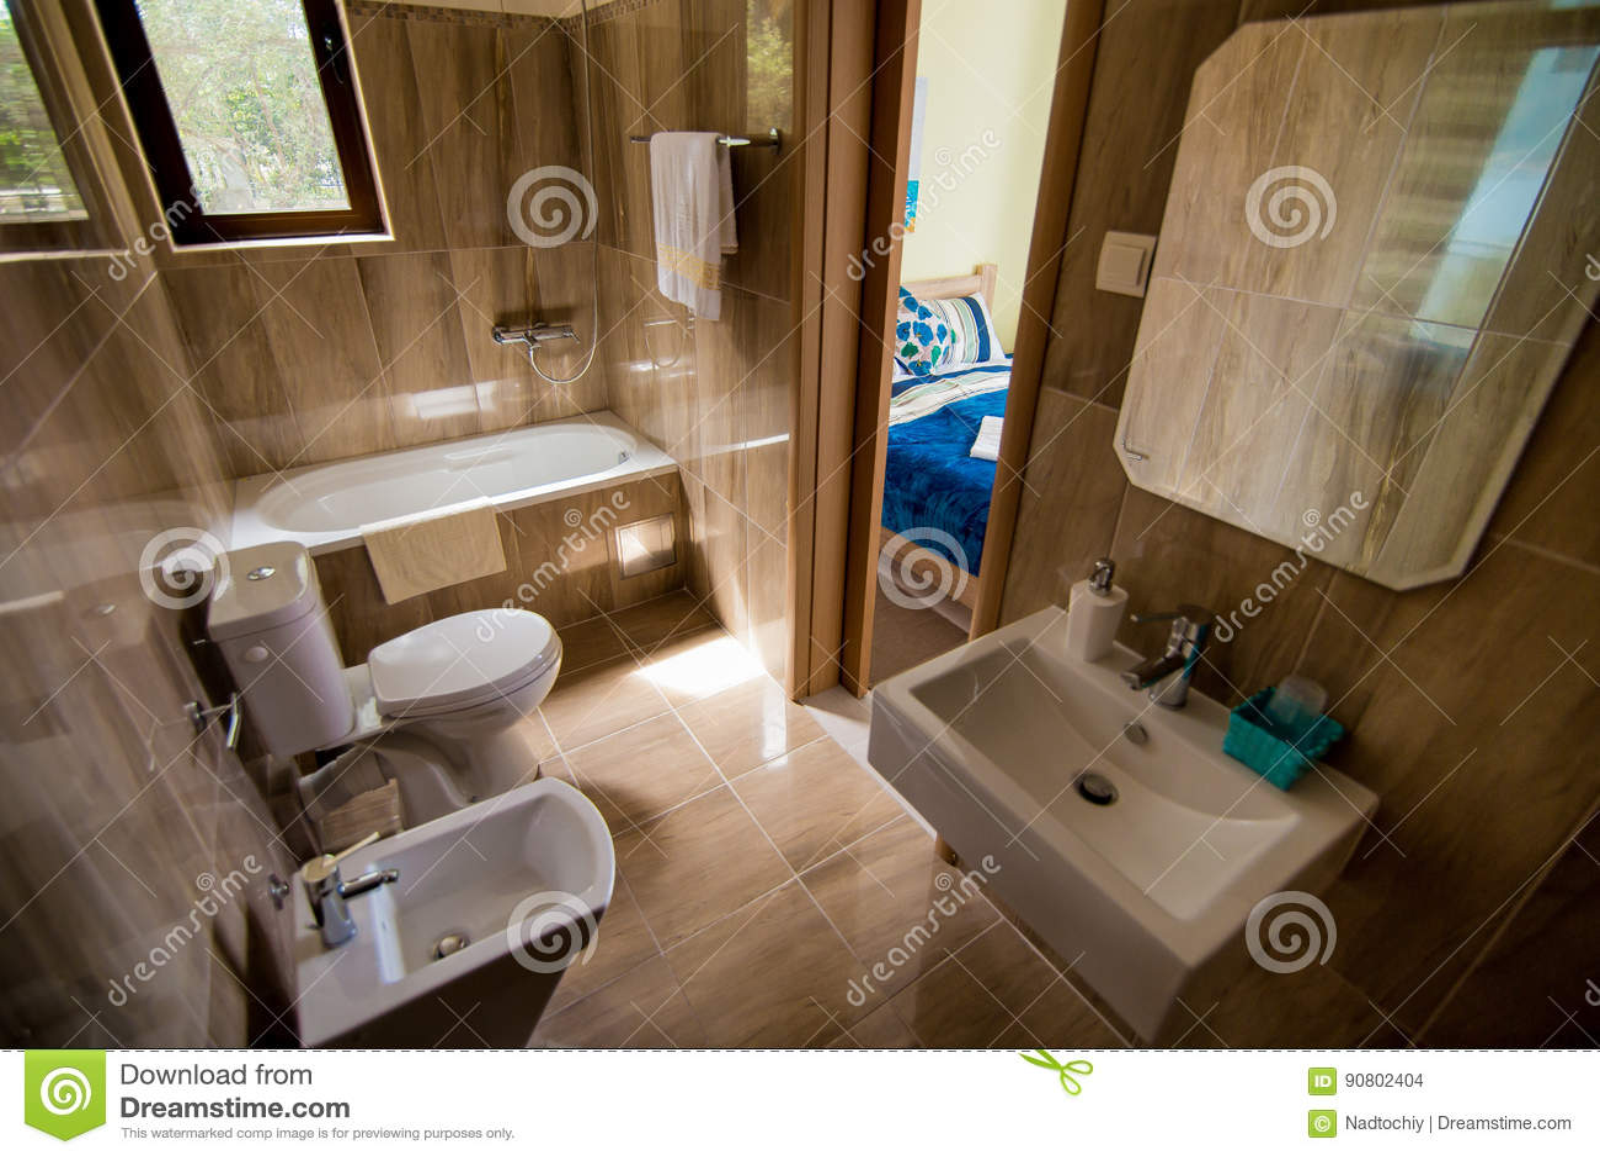 Kinder wc potje kleur beige nieuw te koop dehands be